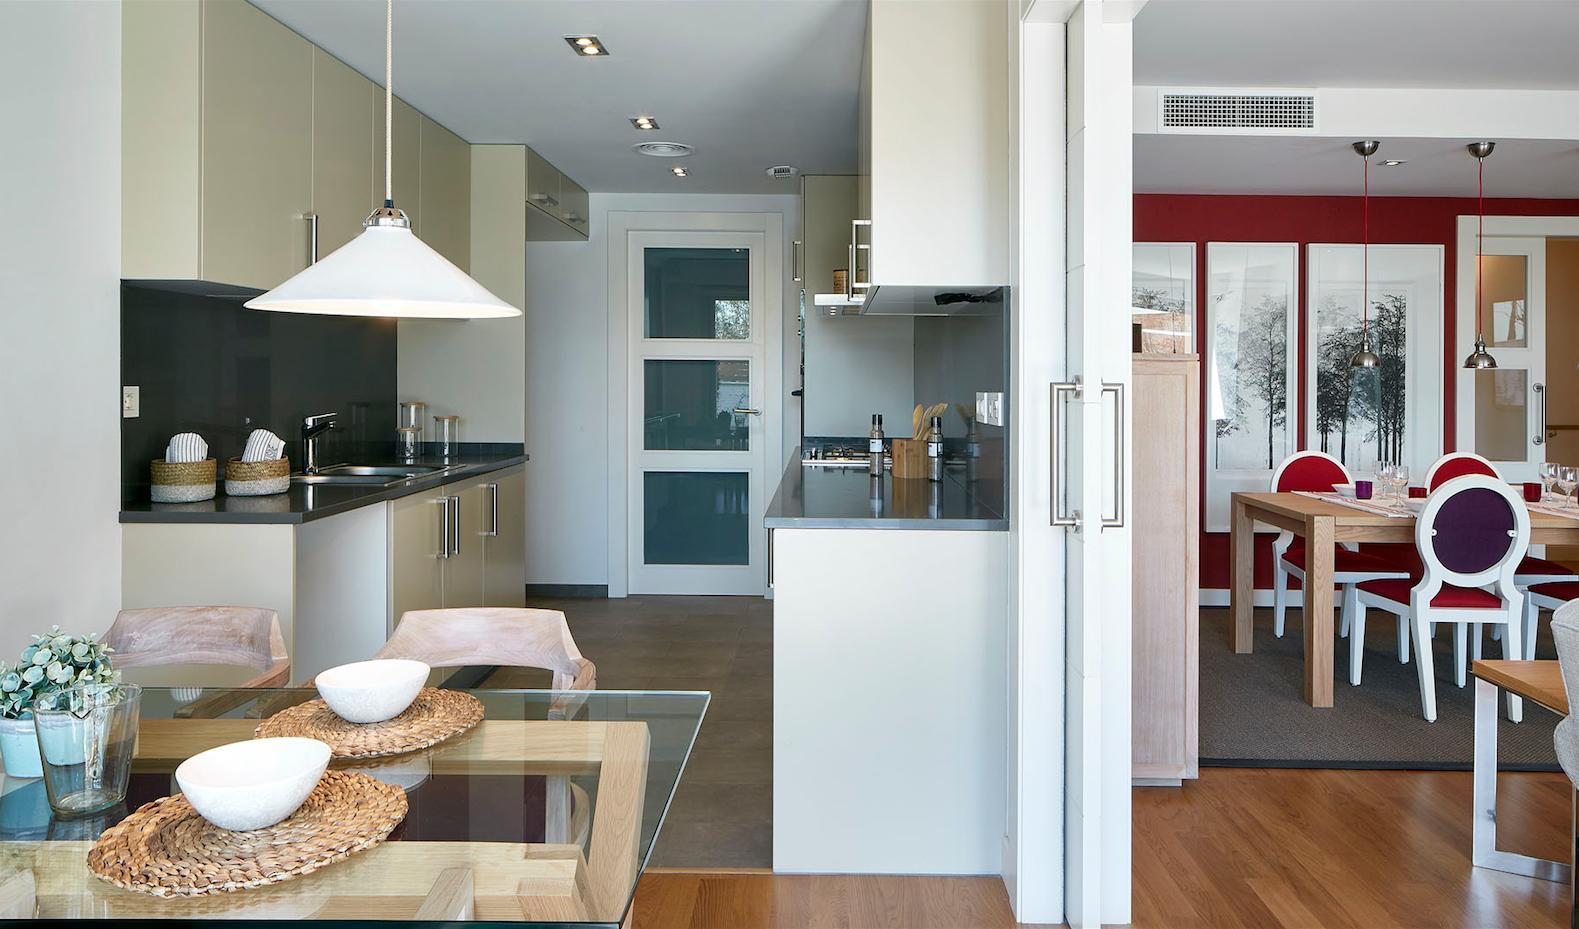 Les llars compten amb unes cuines totalment equipades FOTO: Cedida